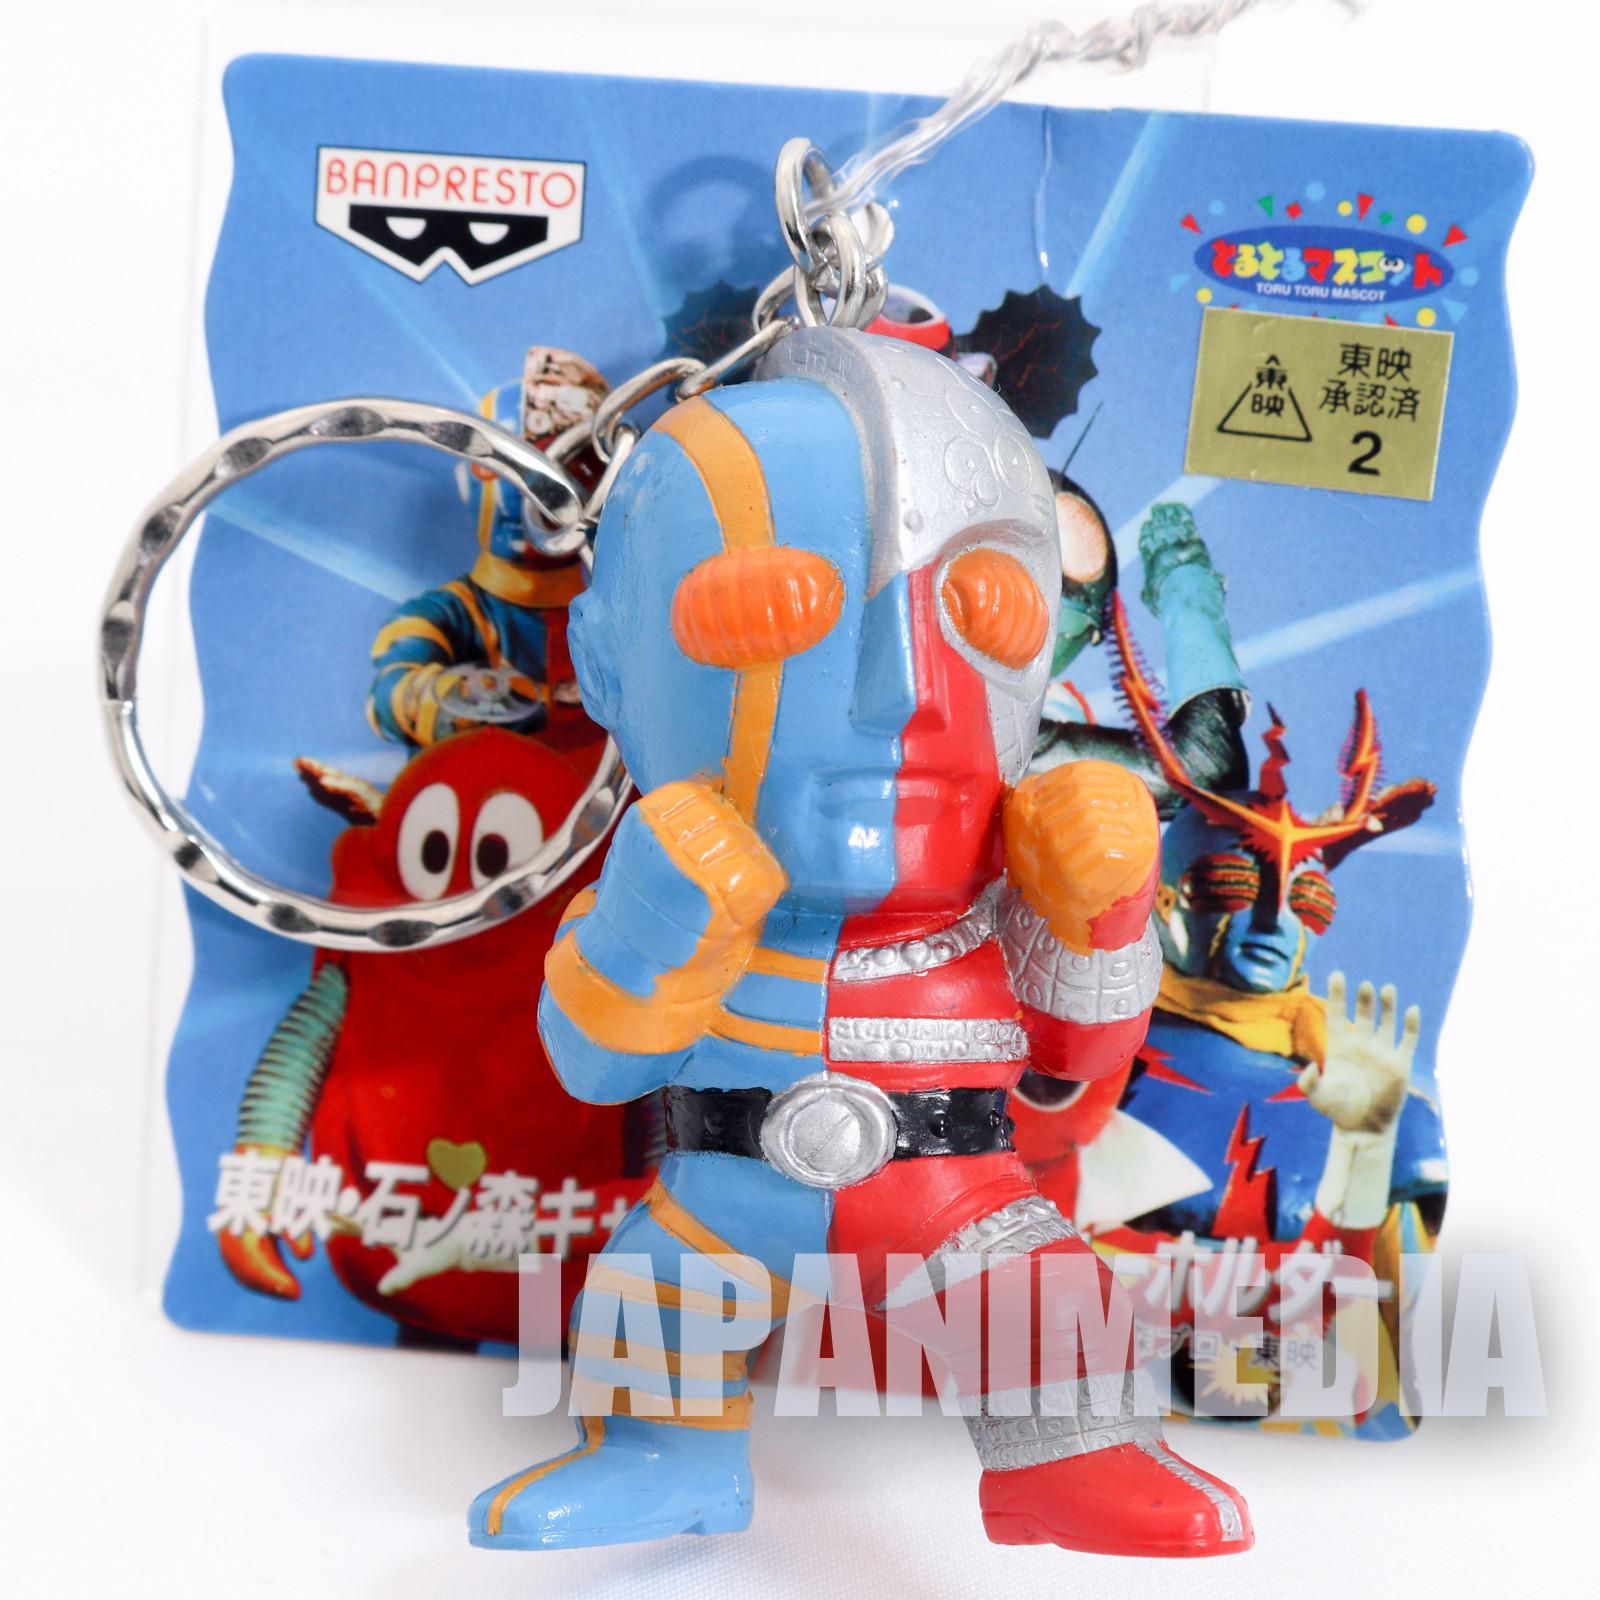 Kikaider Figure Key Chain Banpresto Ishinomori Shotaro JAPAN ANIME TOKUSATSU